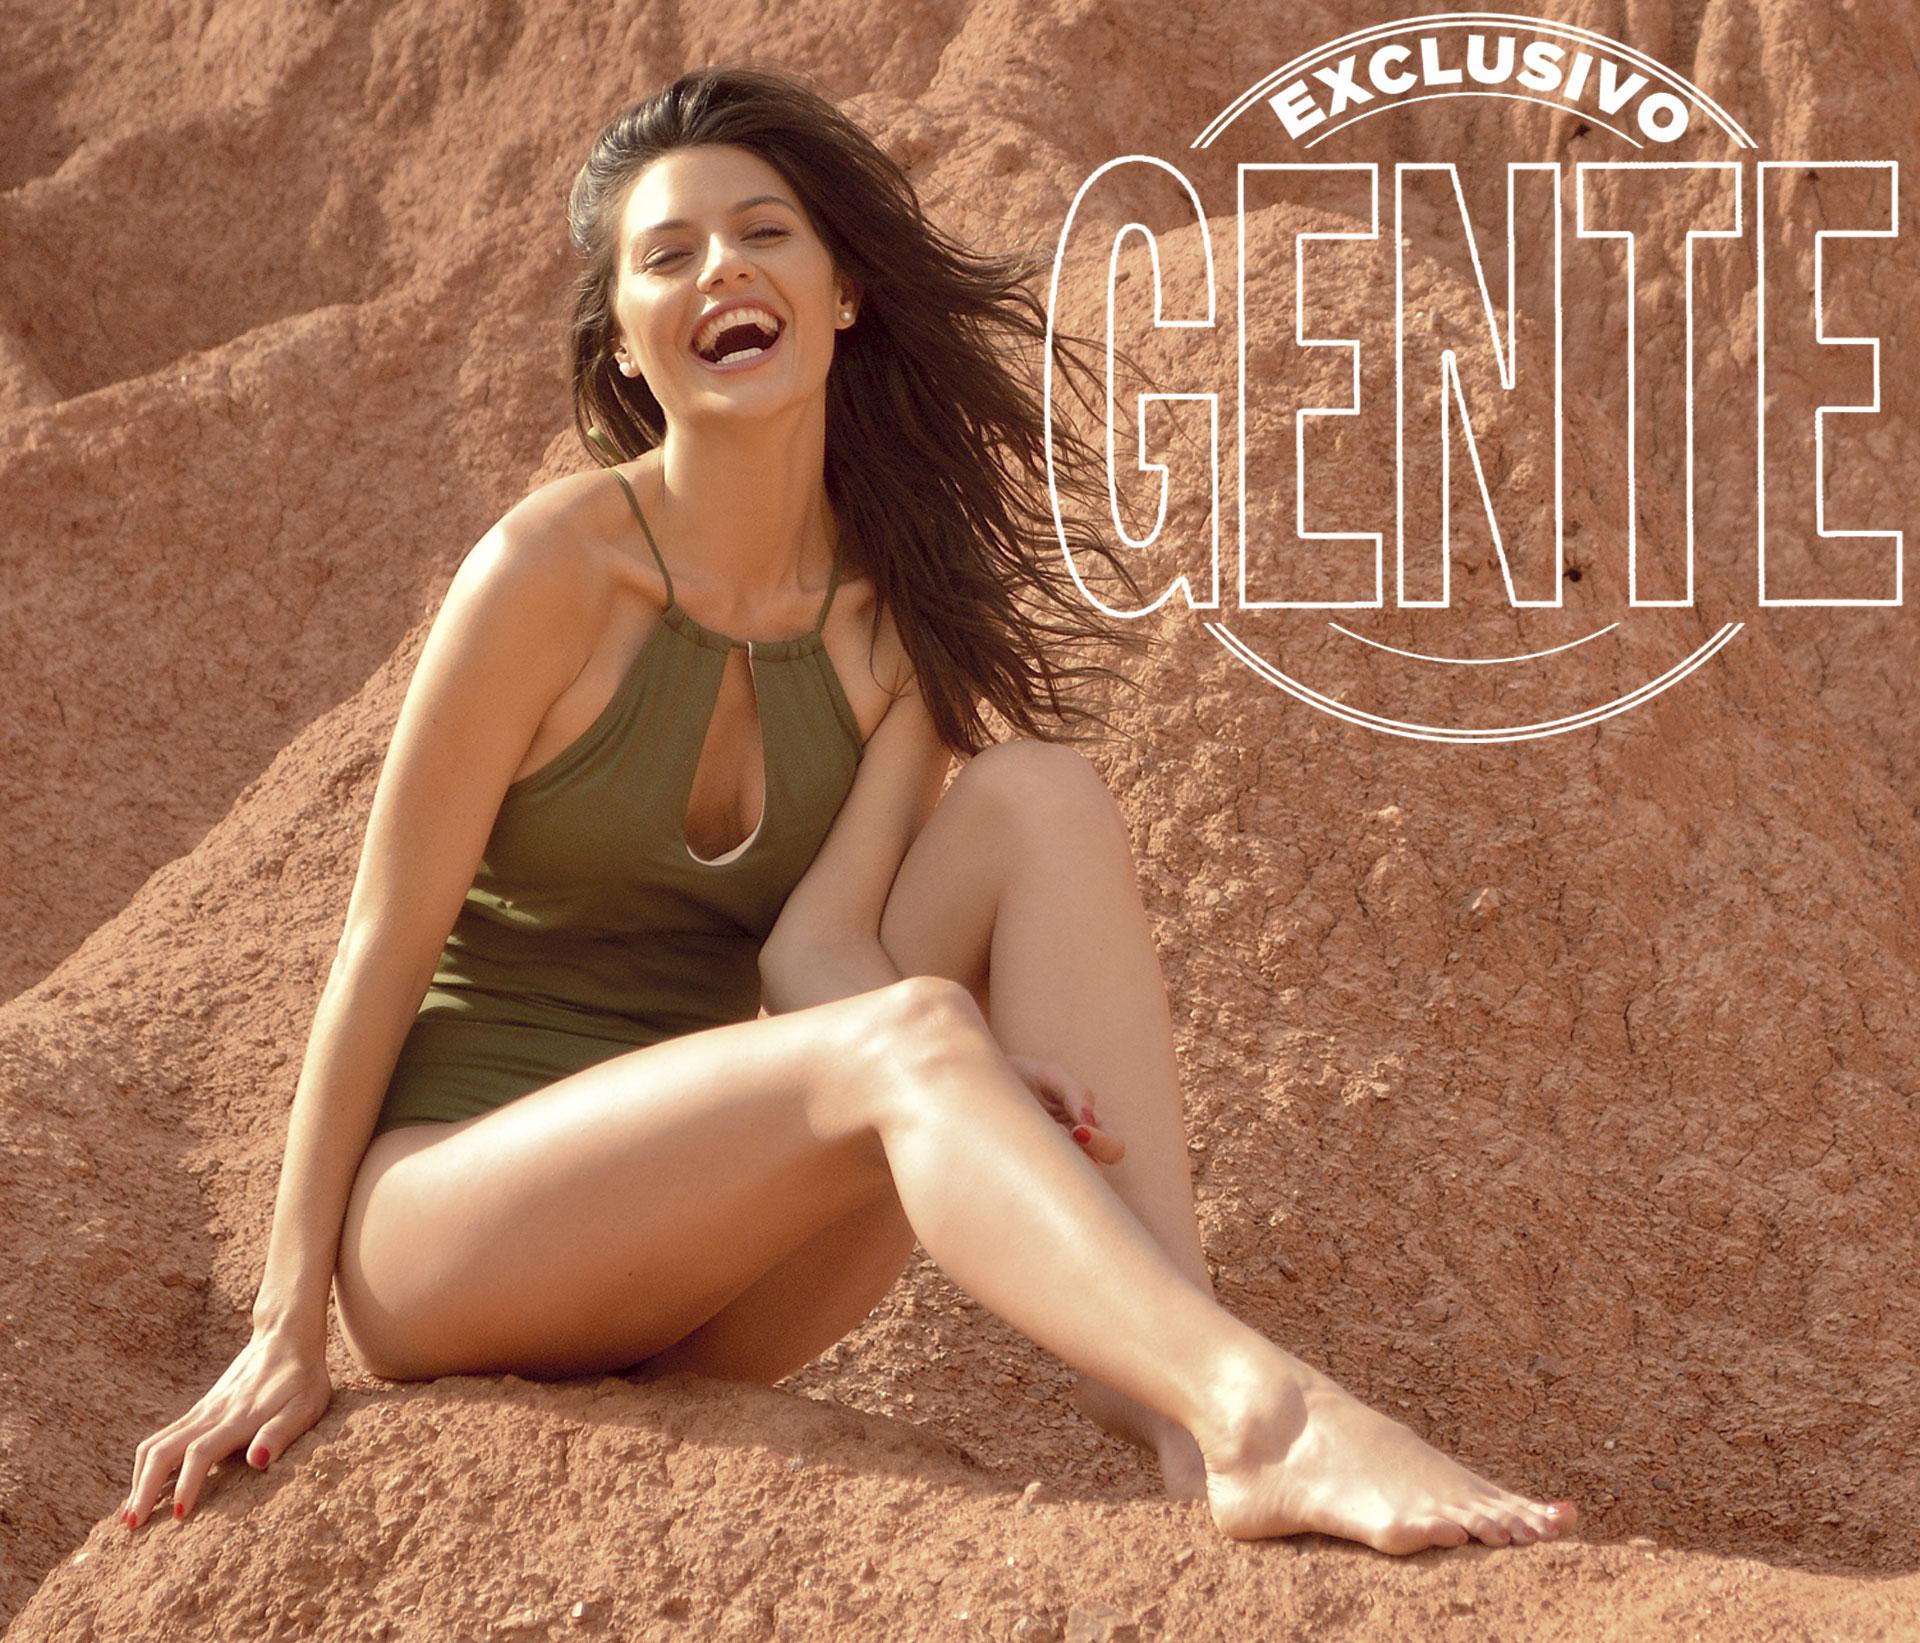 """Sofía """"Jujuy"""" Jiménez en su provincia donde realizó una producción increíble para GENTE en los paisajes soñados del norte argentino. Foto: Paula Toffolo para GENTE"""